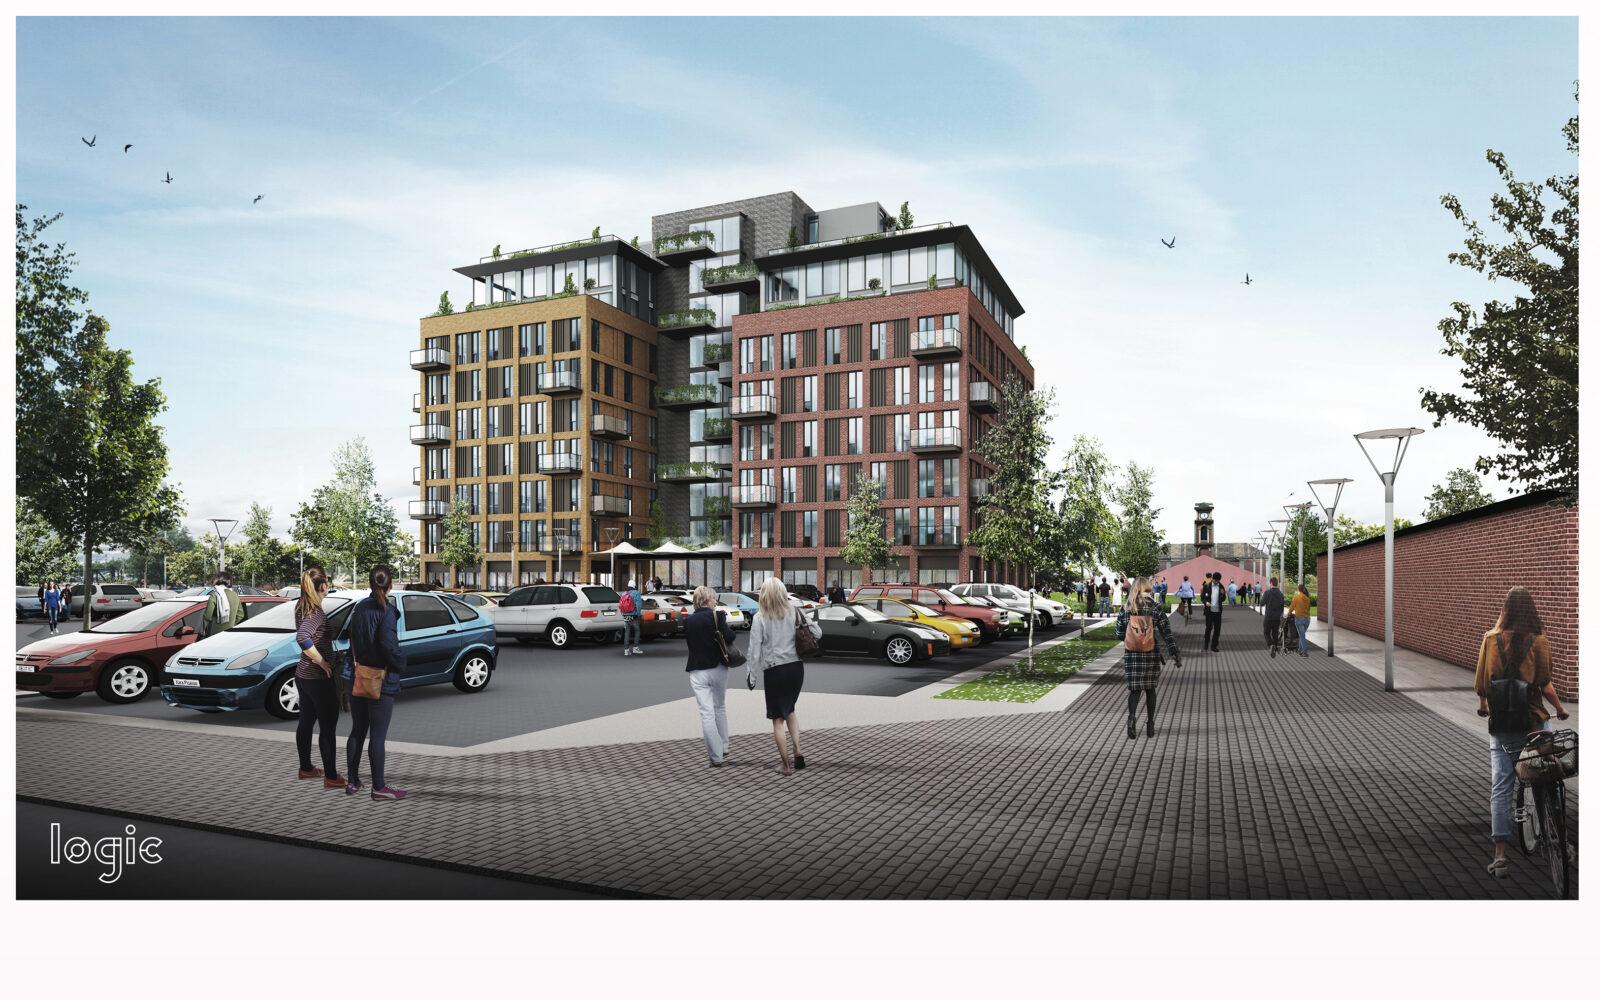 Boho residential plans